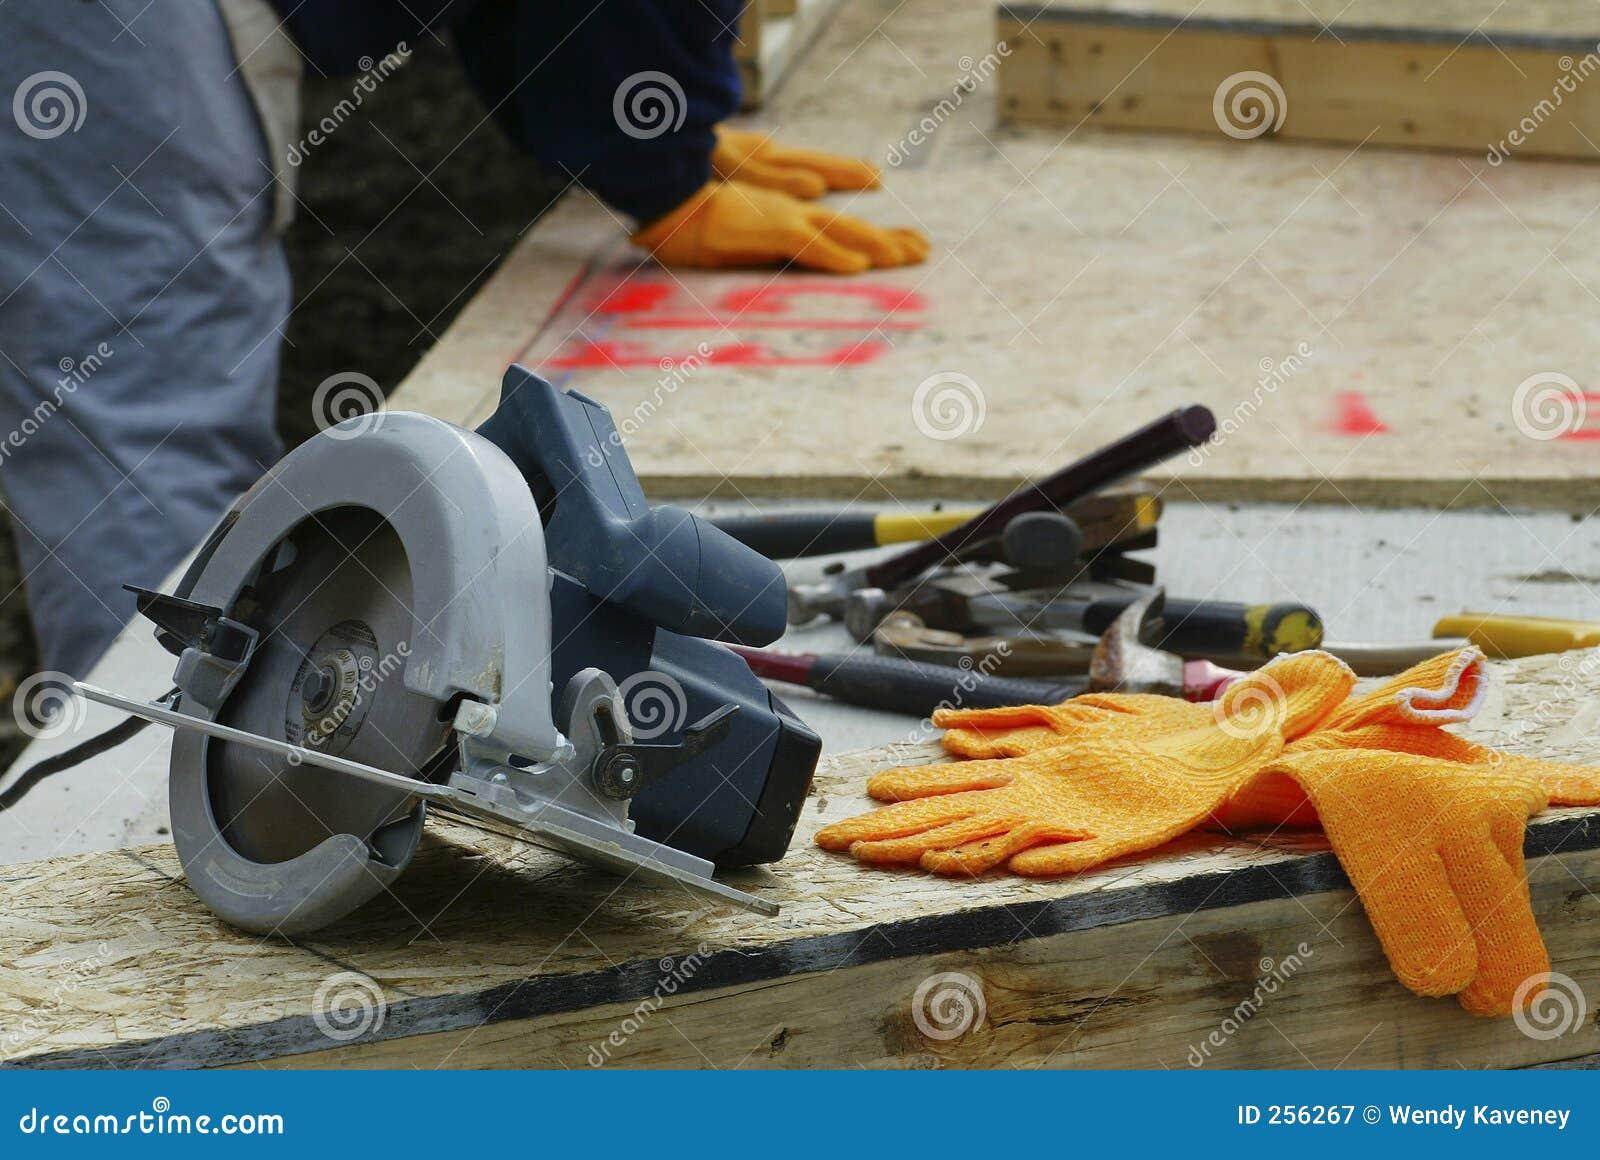 Miejsca budowy narzędzi